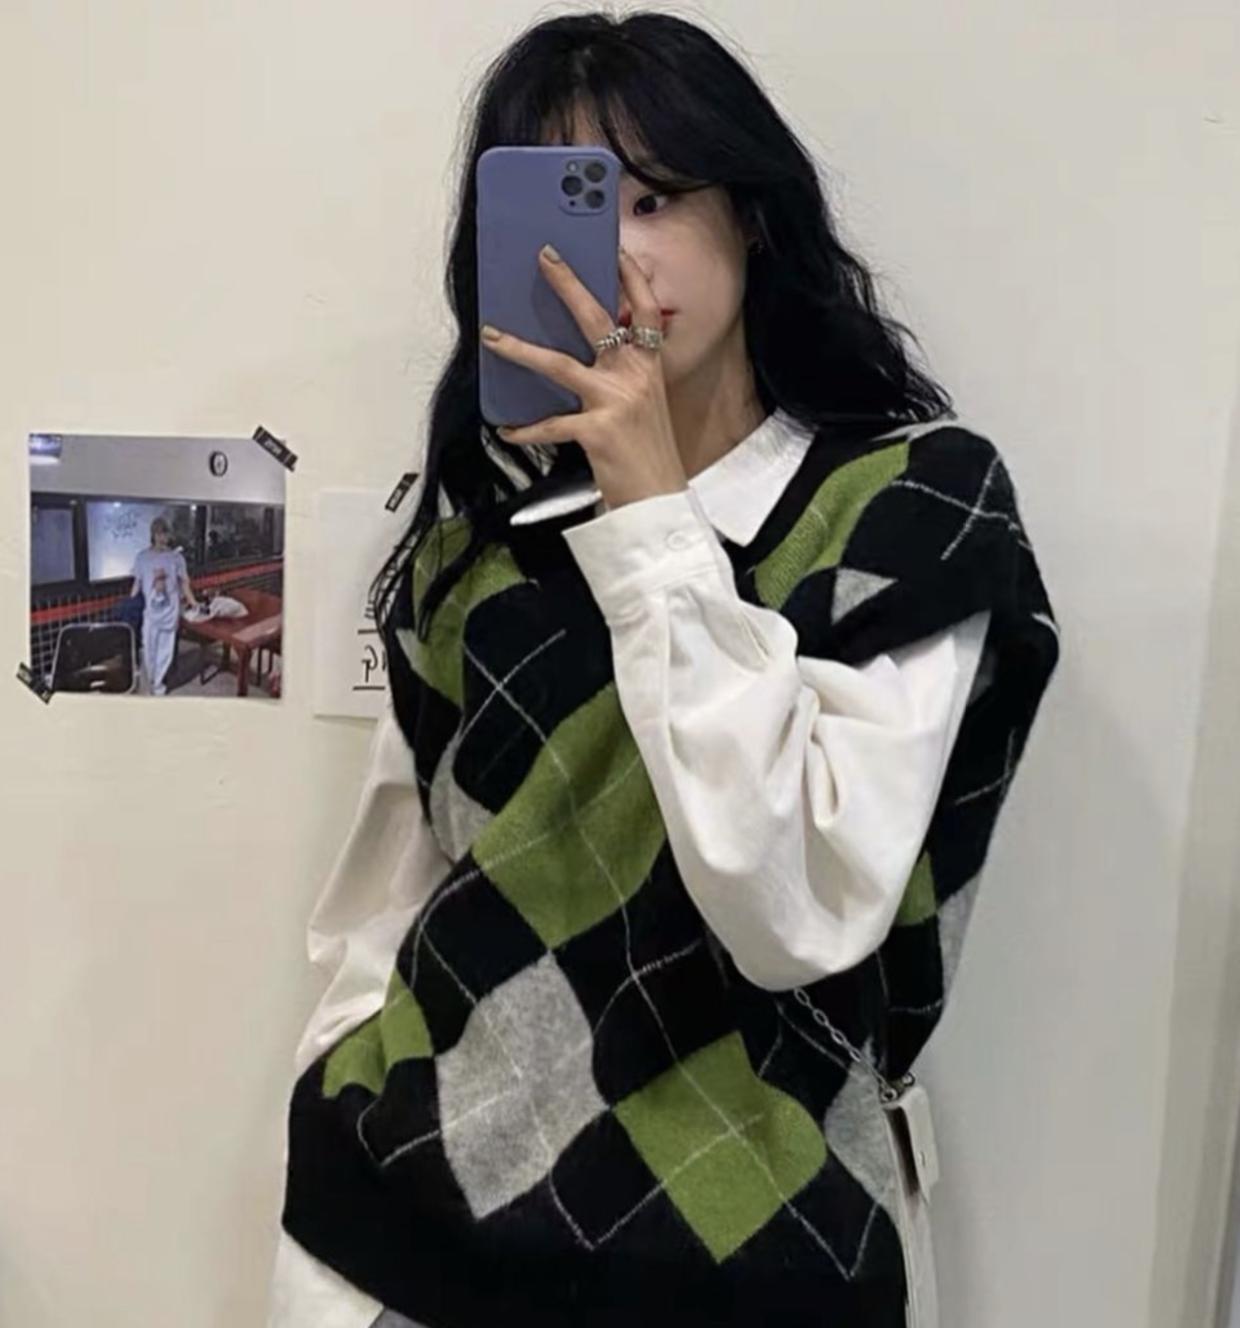 Mix & Phối - 6 cách phối áo len cho mùa Đông không lạnh, có những món đồ còn được tận dụng từ mùa Hè nữa đấy! - chanvaydep.net 11